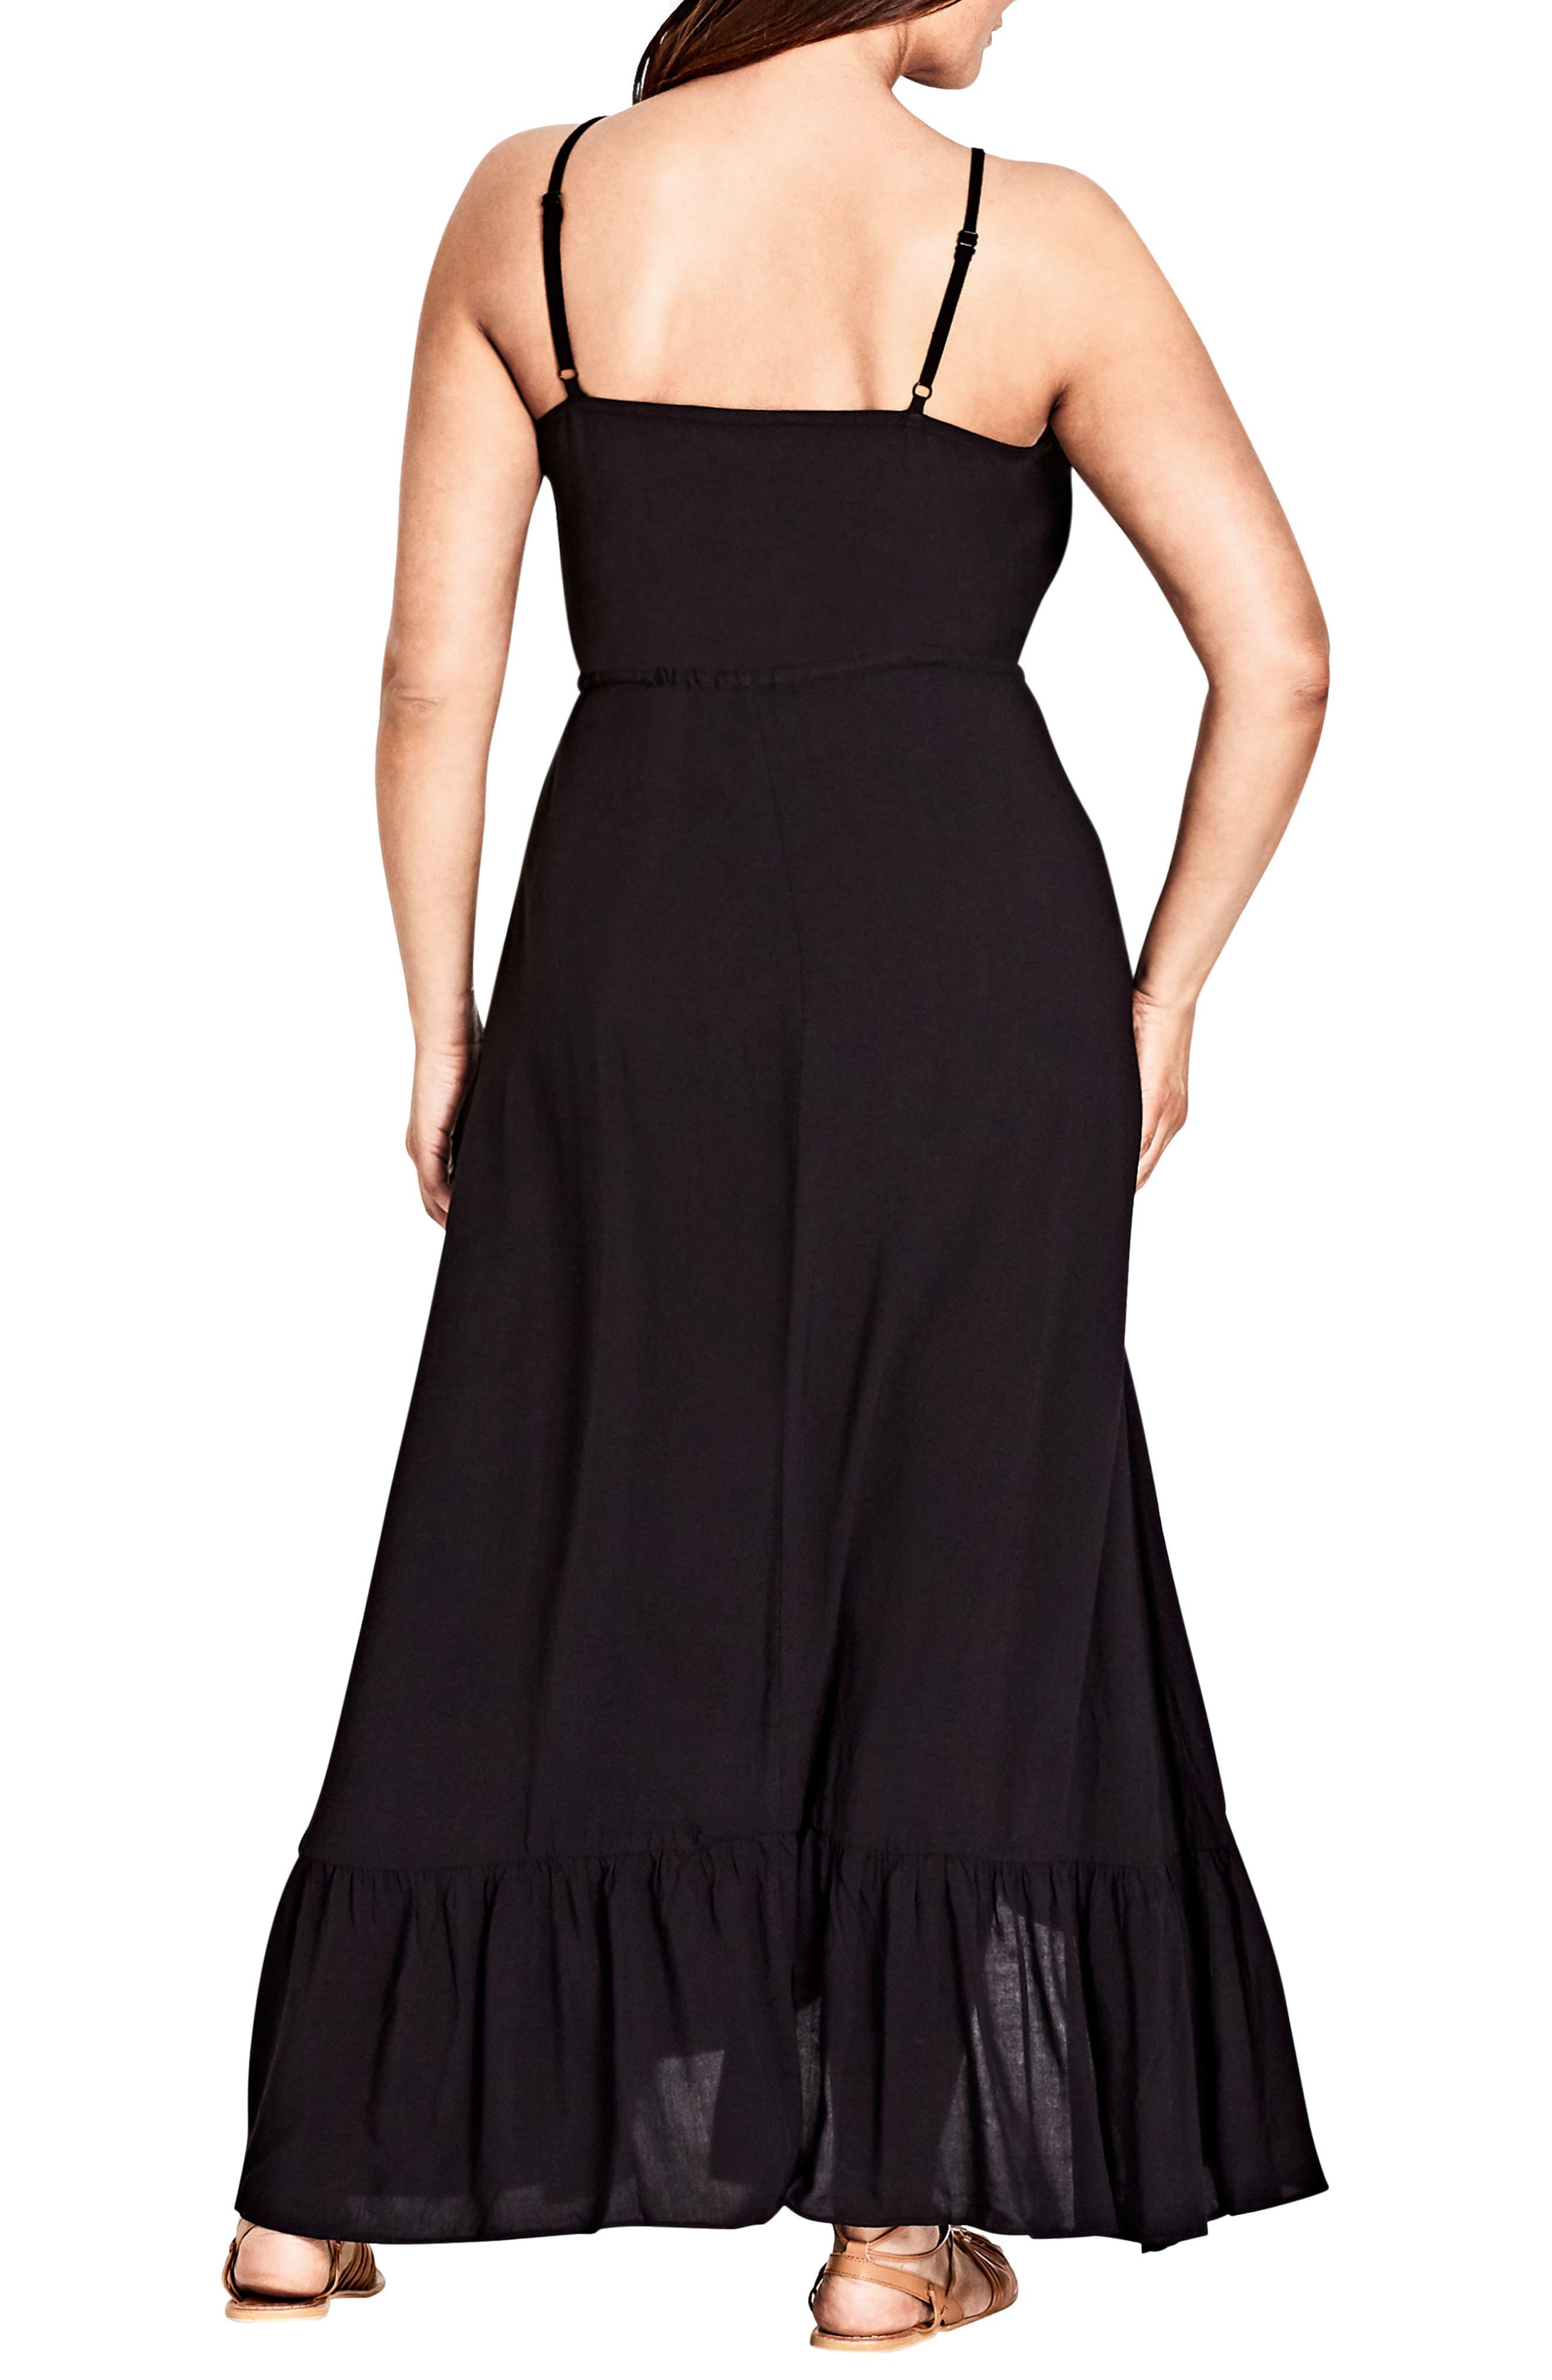 Aruba Maxi Dress,                             Alternate thumbnail 2, color,                             BLACK